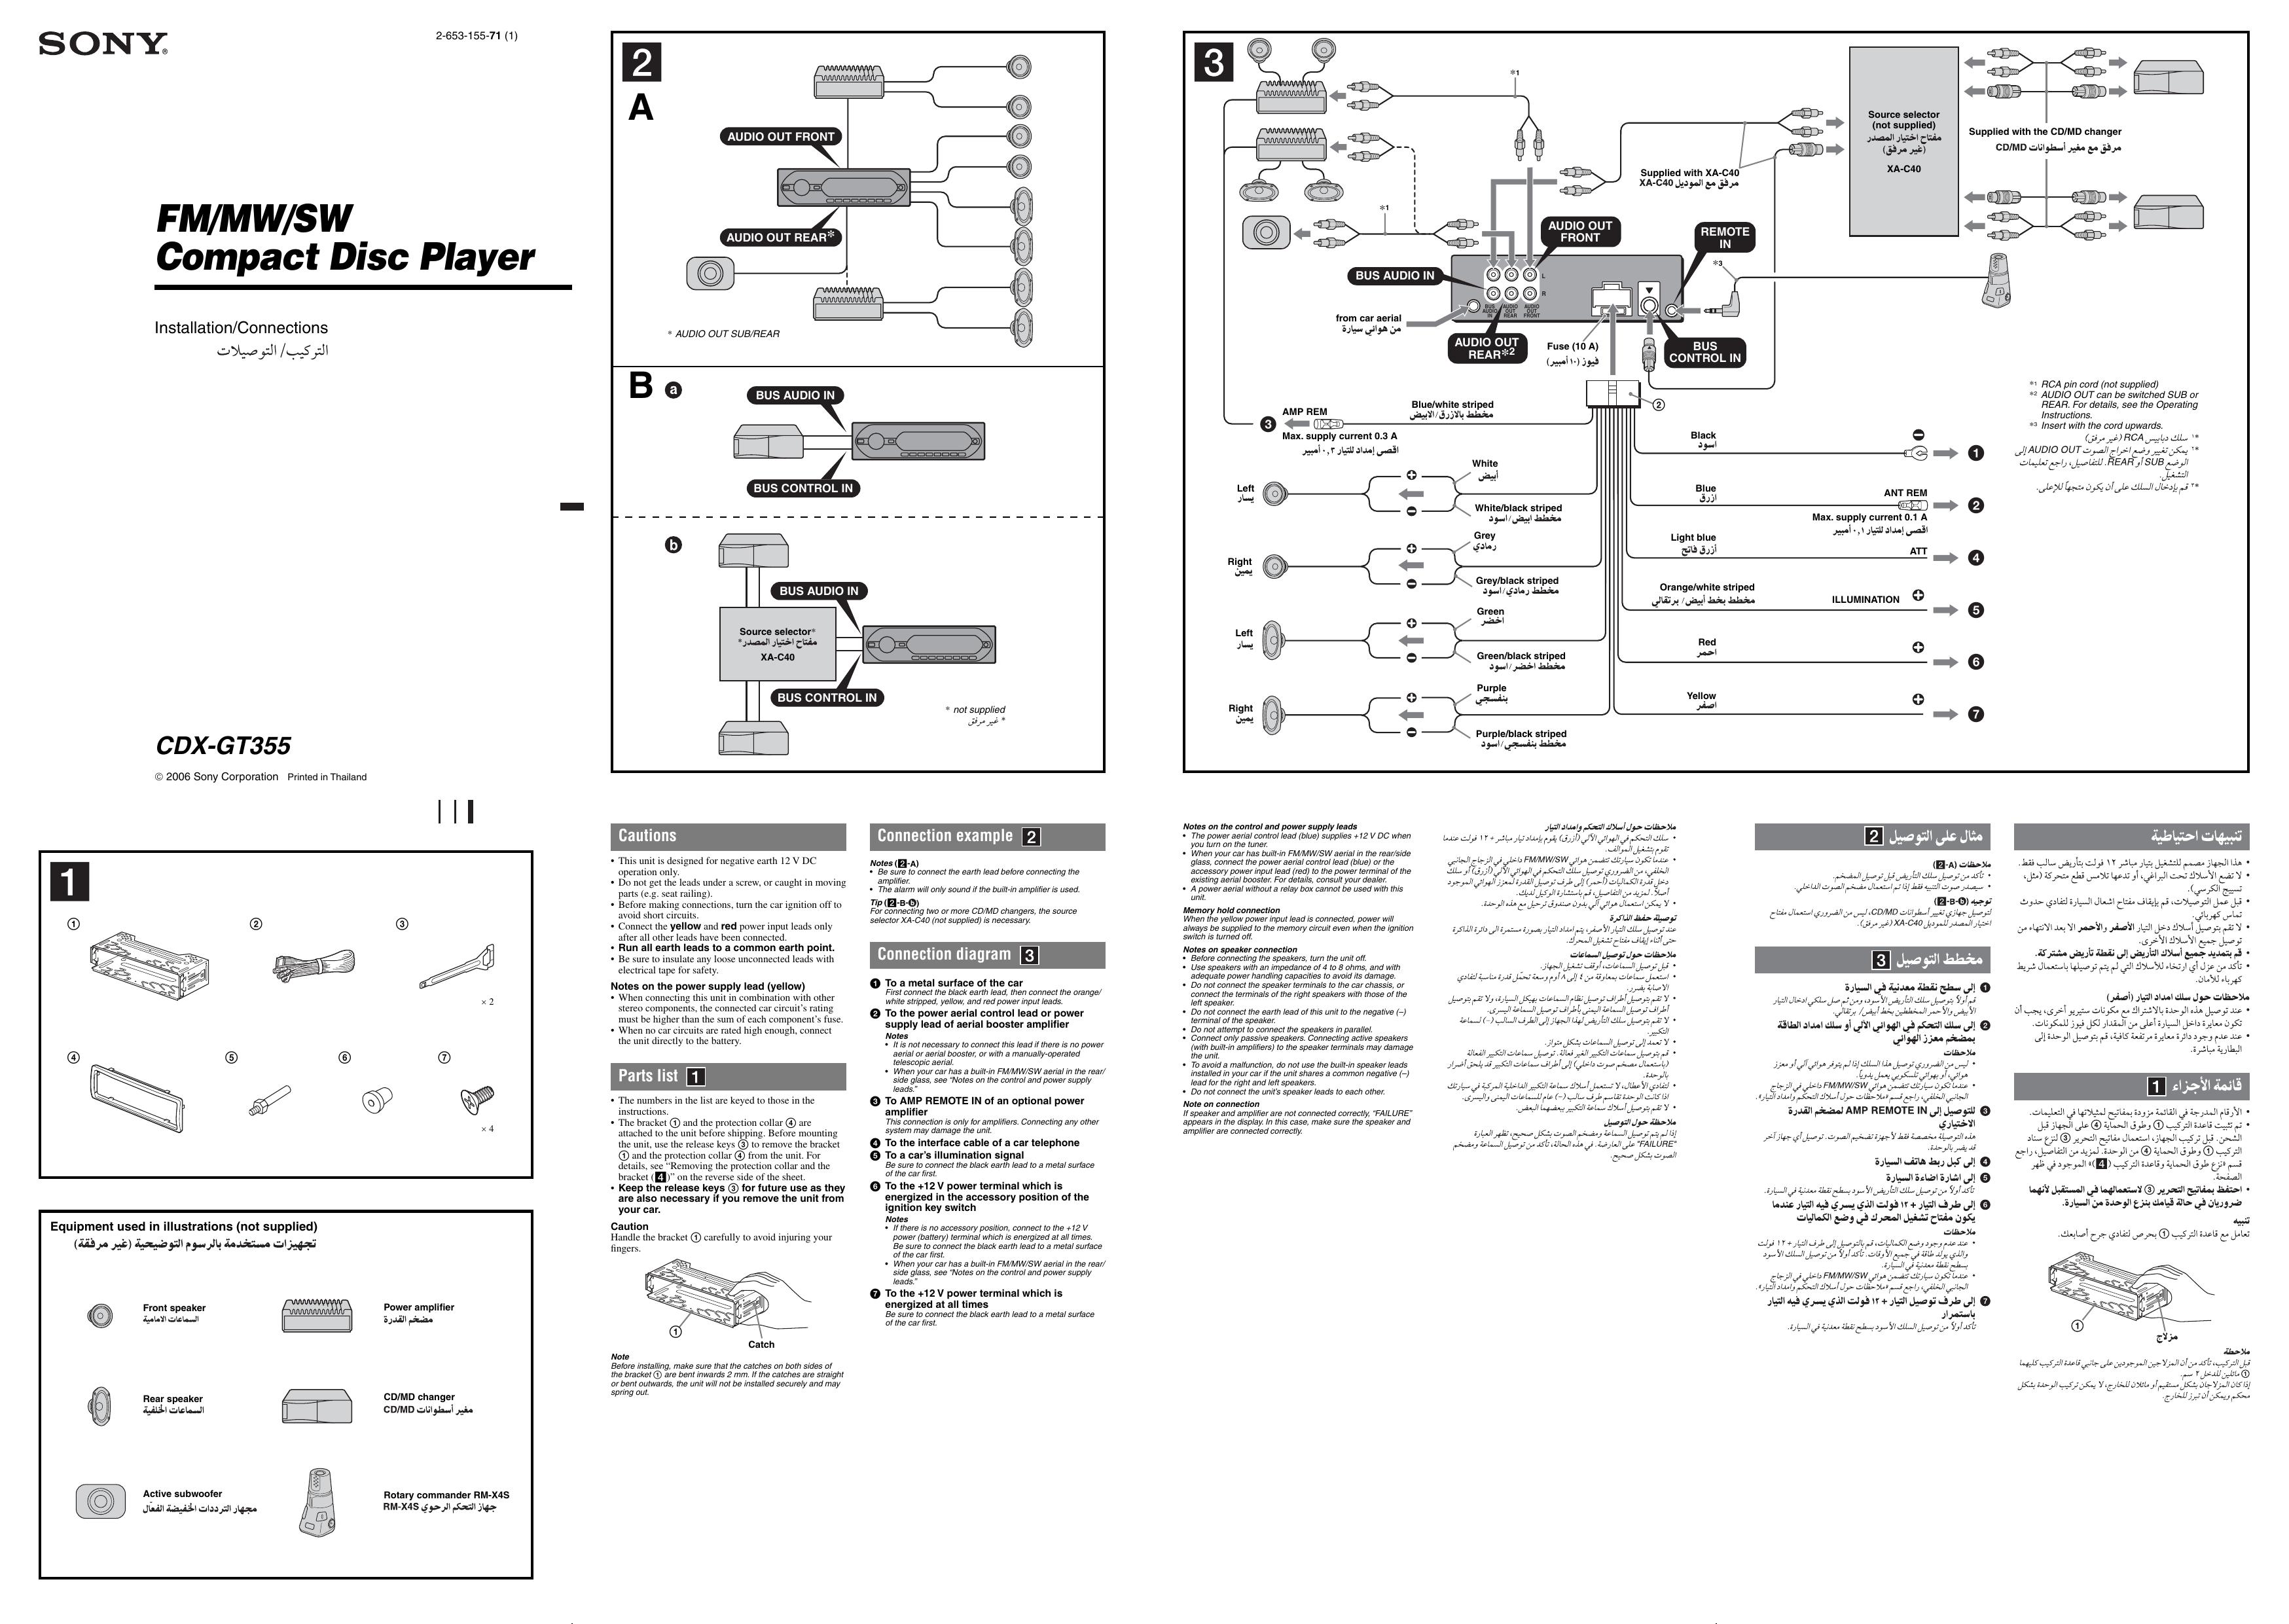 Sony Cdx Gt640Ui Wiring Diagram from s1.manualzz.com